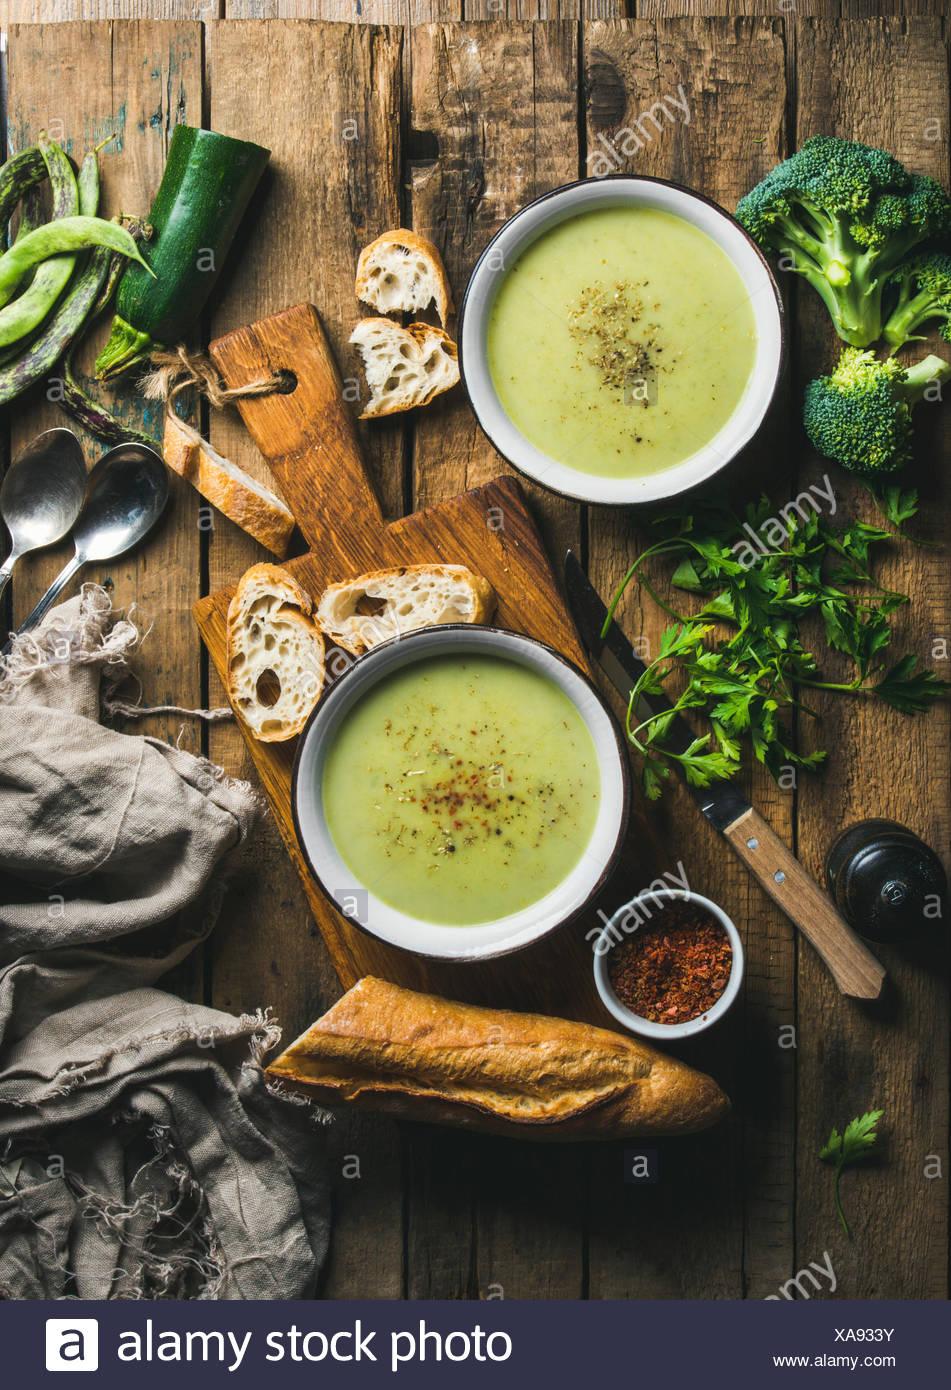 Deux bols de pois fait maison, le brocoli et la courgette soupe crème servi avec baguette fraîche et légumes sur planche de bois plus rusti Photo Stock